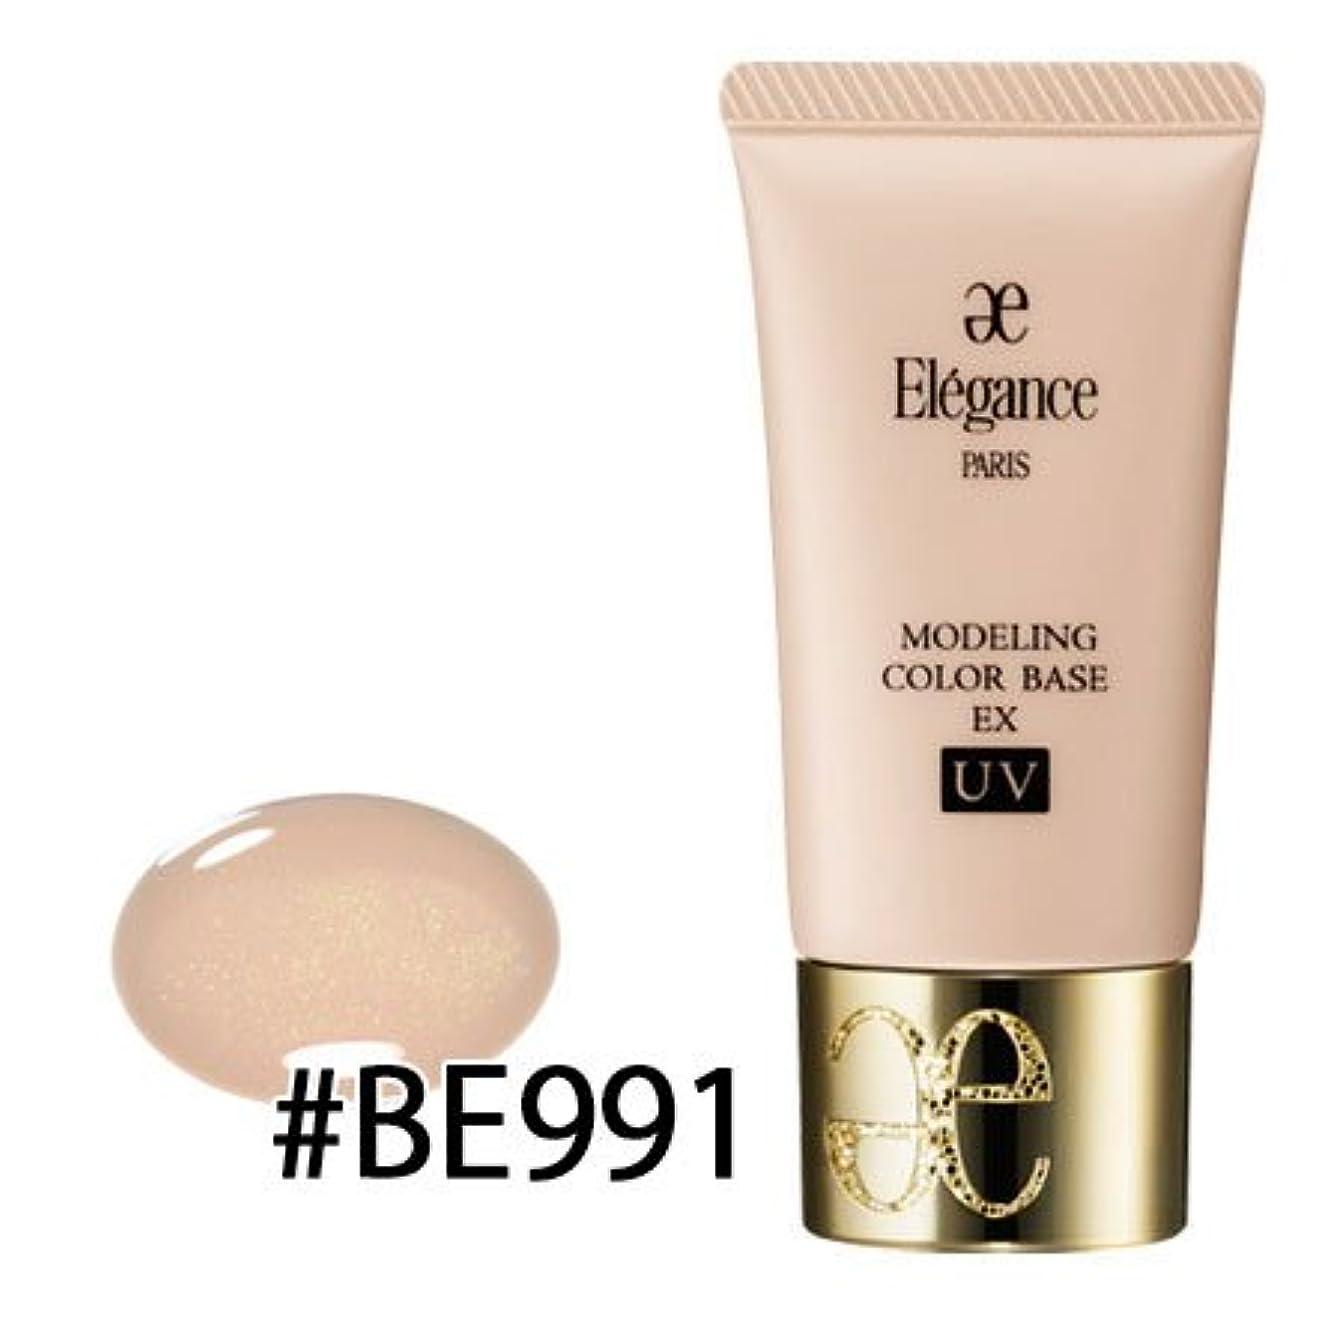 中傷恐怖かすかなエレガンス モデリング カラーベース EX UV #BE991